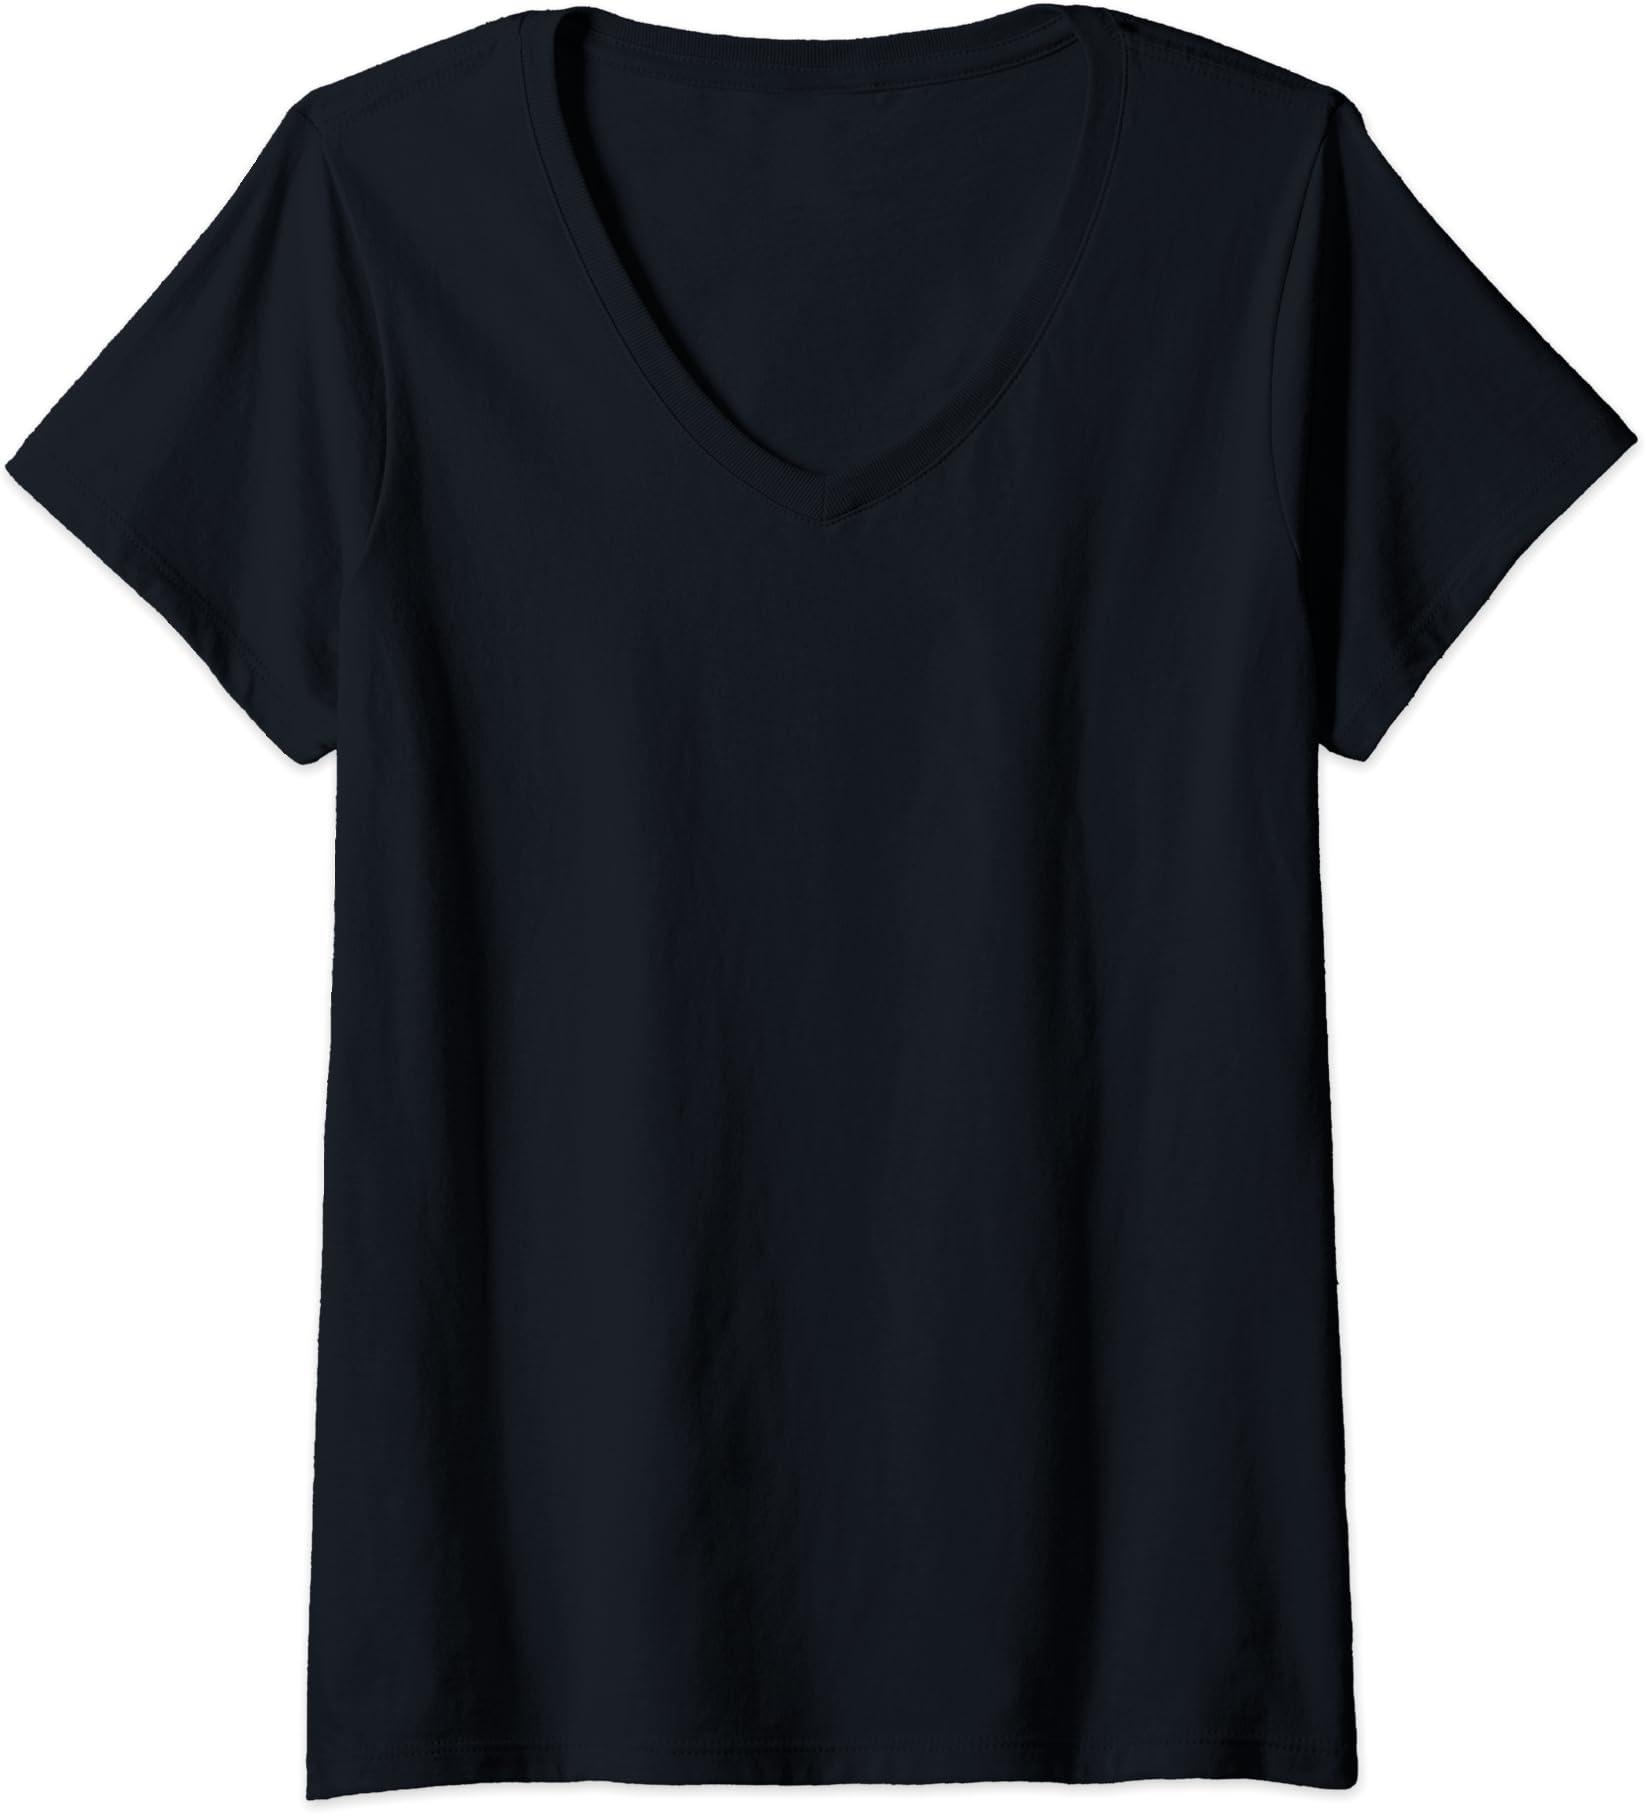 Joke Womens Girls Budget Costume Ghost T Shirt BOO Ladies HALLOWEEN TShirt